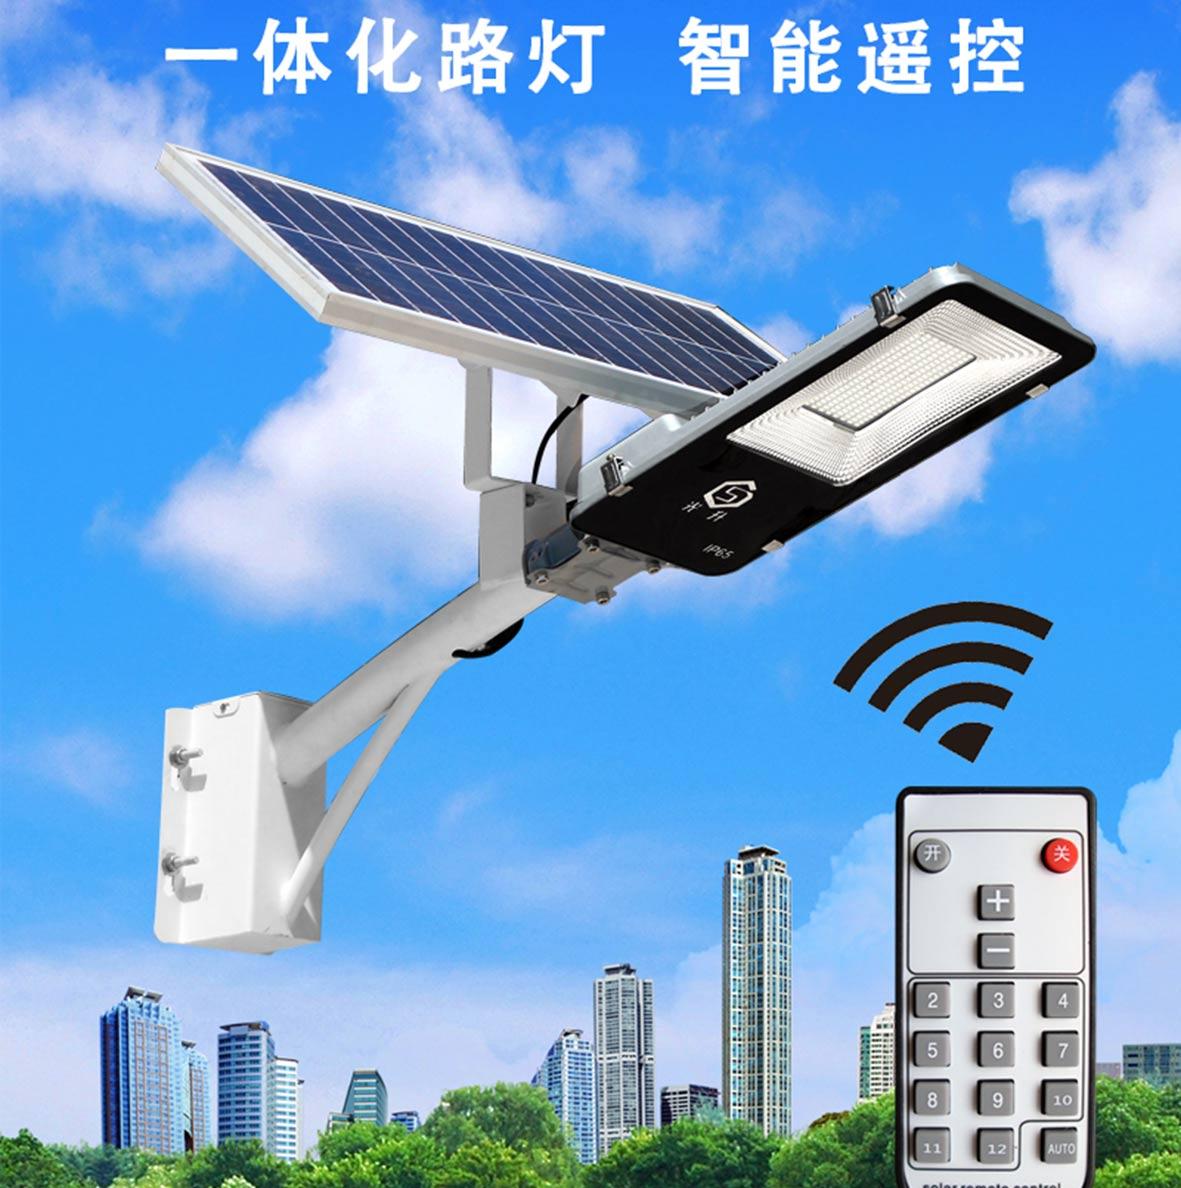 北京日月升太阳能科技发展有限公司